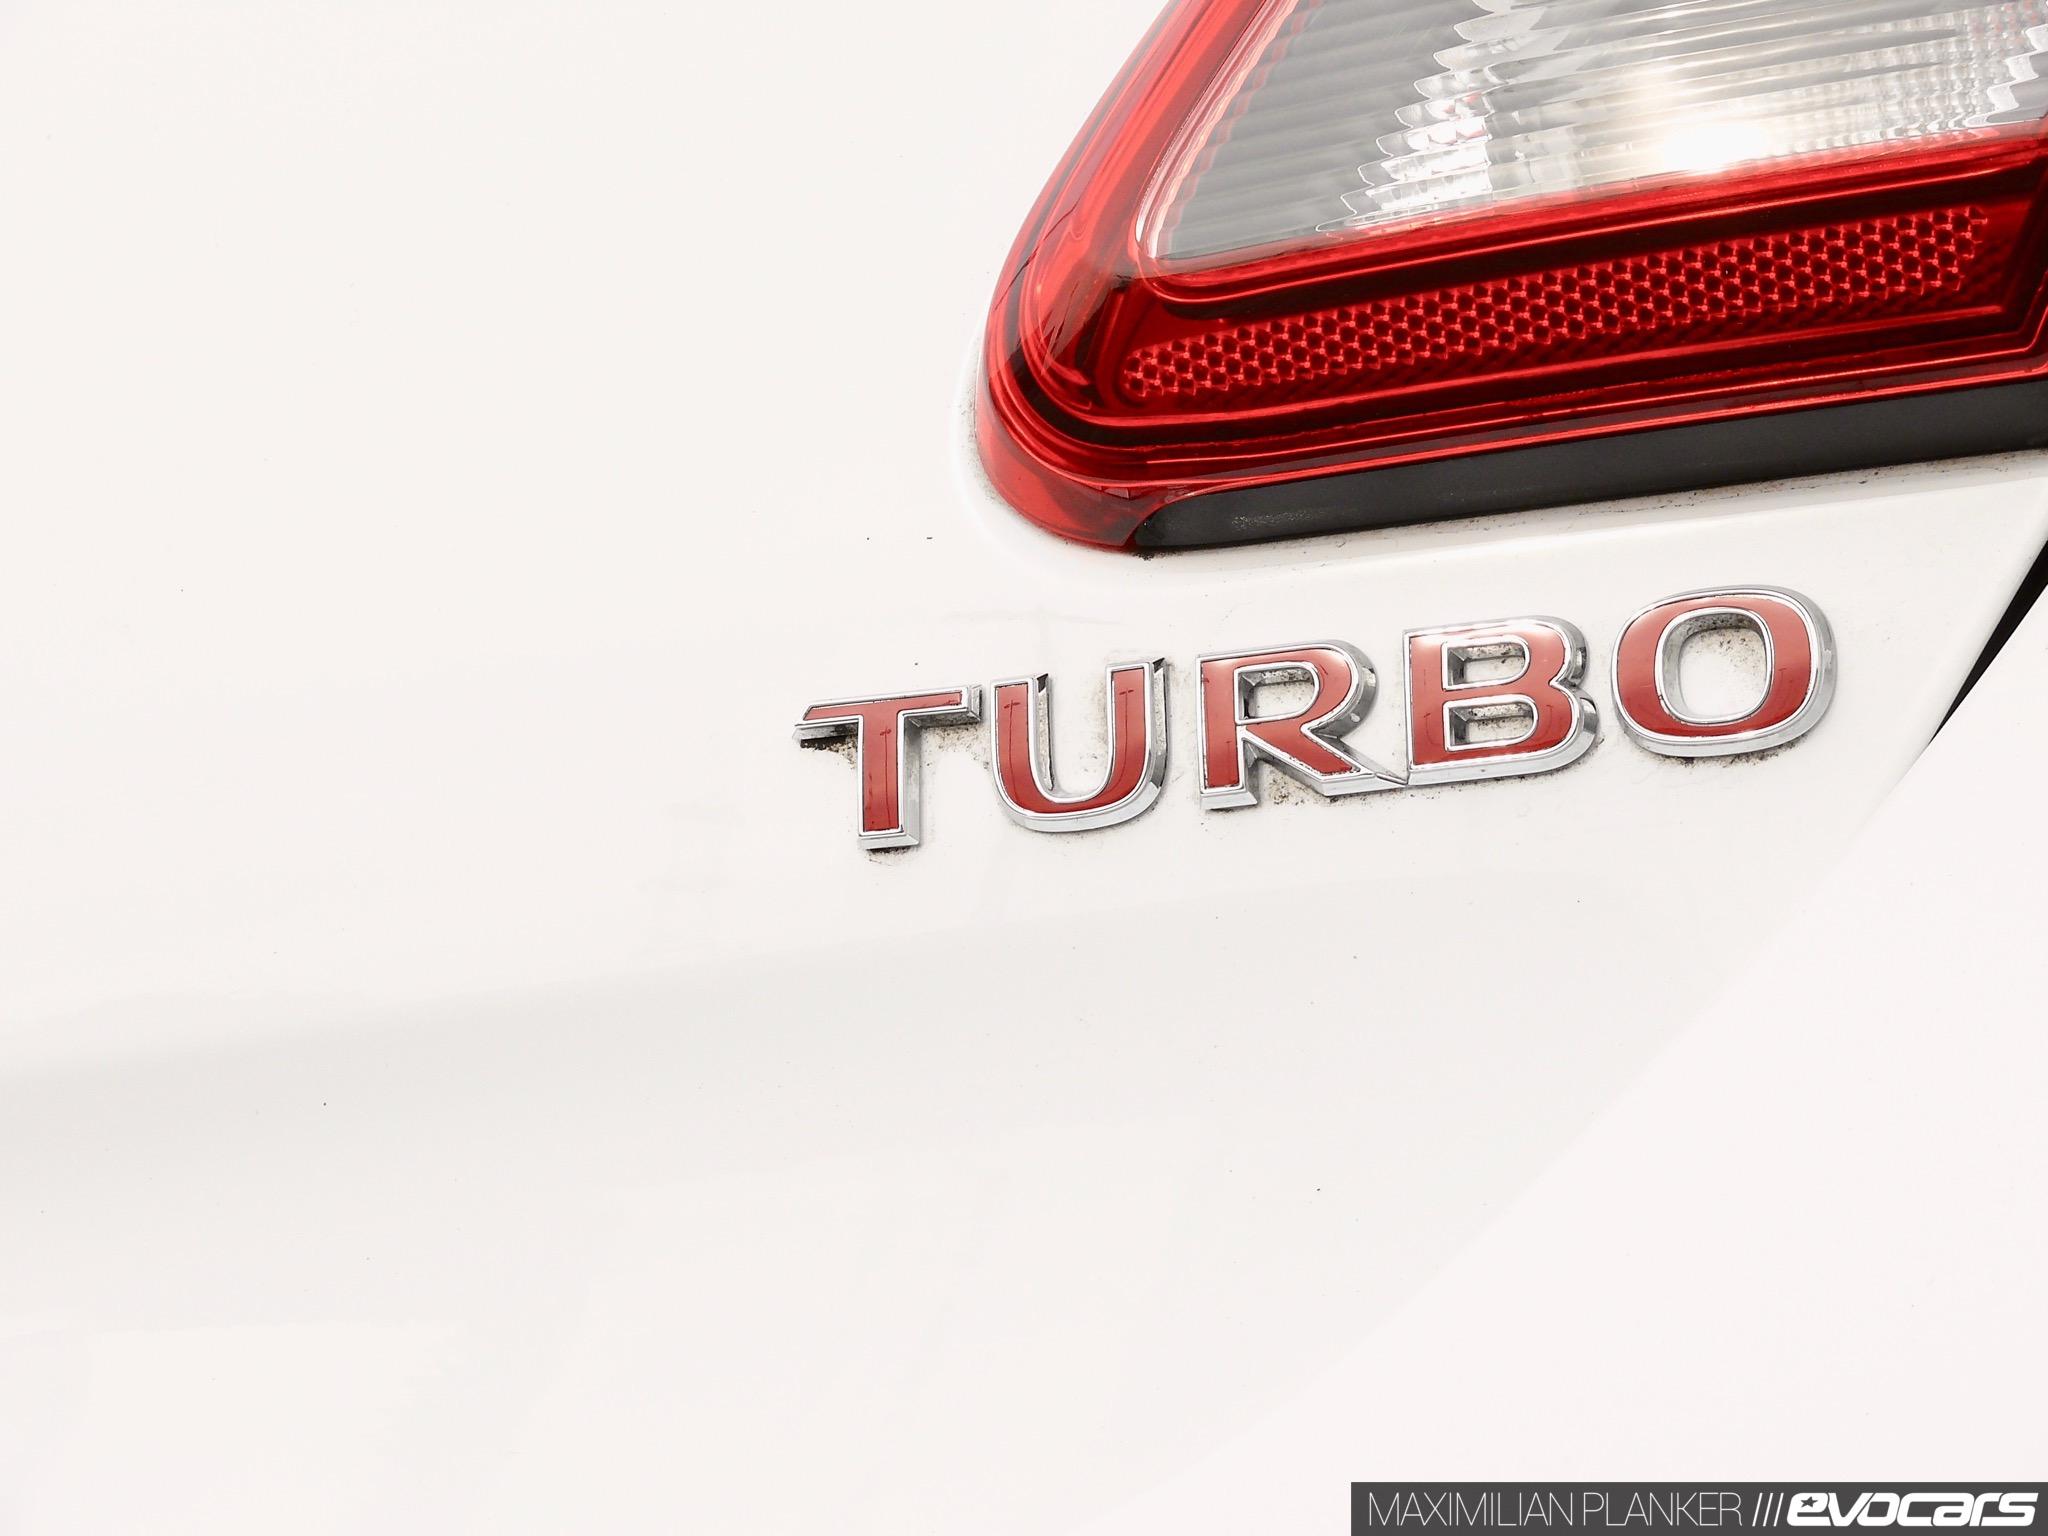 Camera Car Auto Da Corsa : Mehr als ein shopping car opel corsa turbo im test